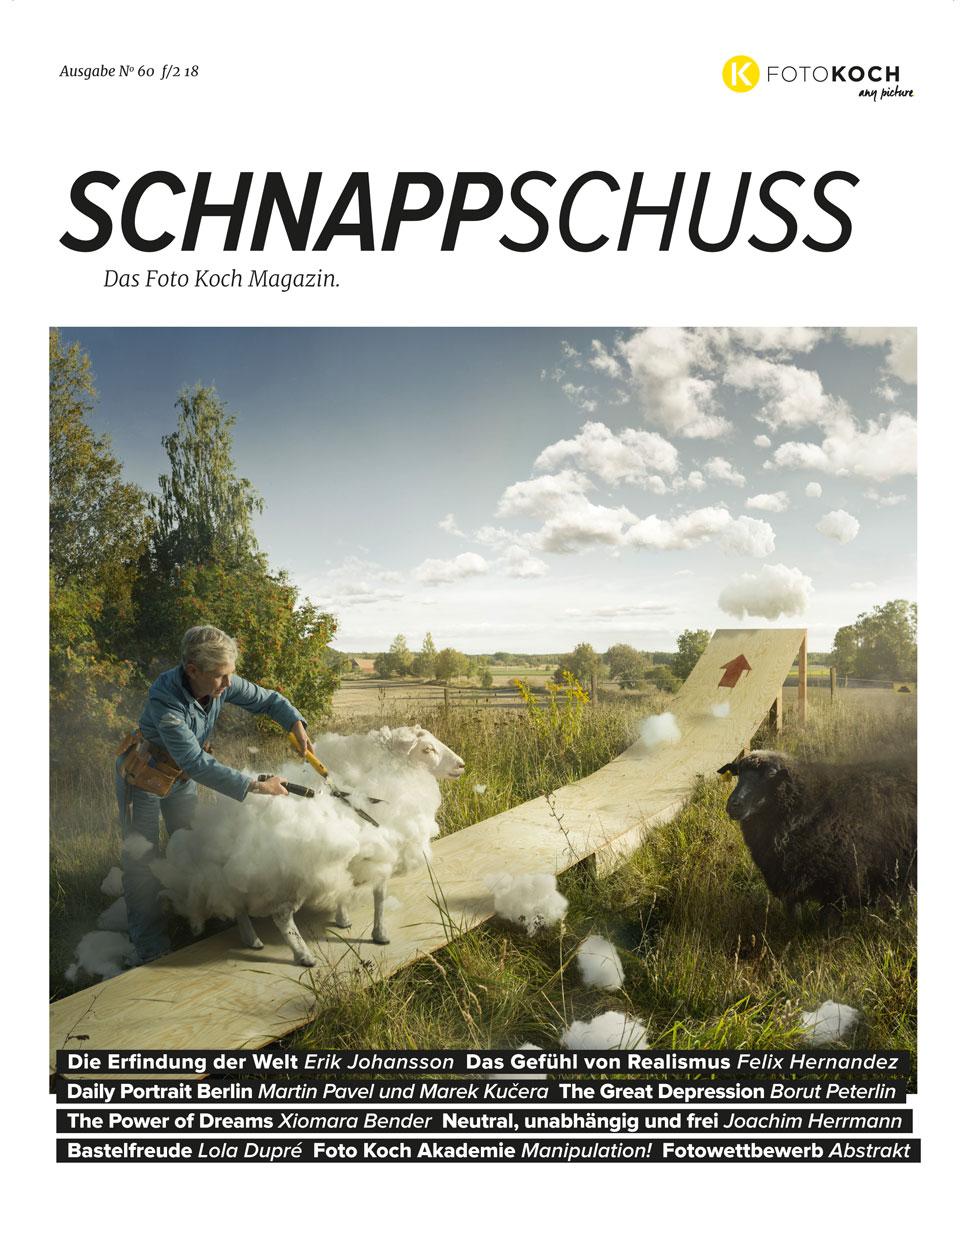 Schnappschuss No. 60 Manipulation